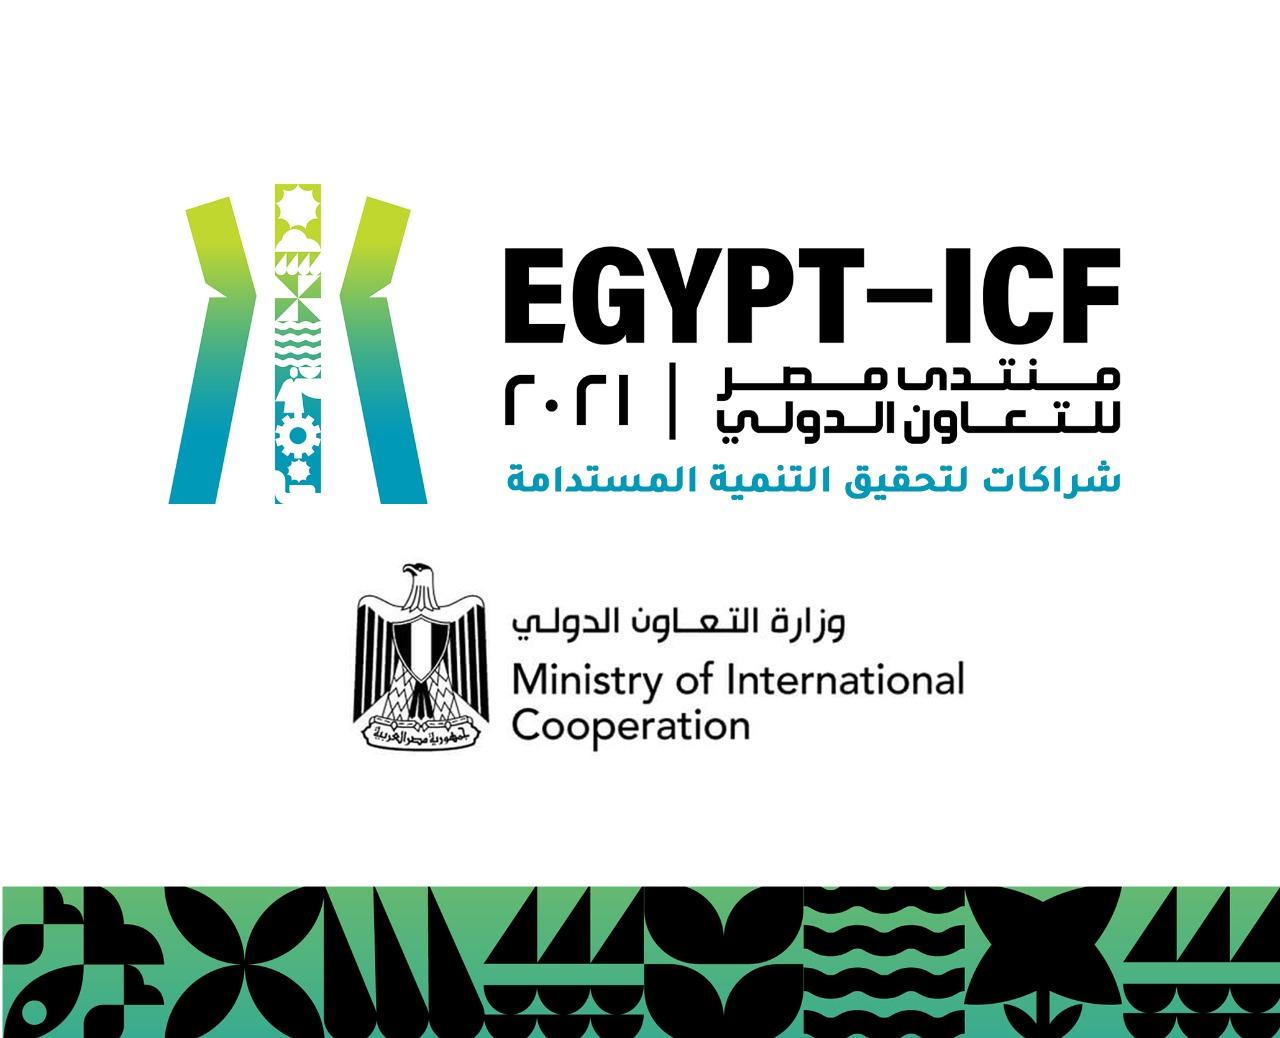 انطلاق النسخة الأولى من منتدى مصر للتعاون الدولي غدا بالقاهرة